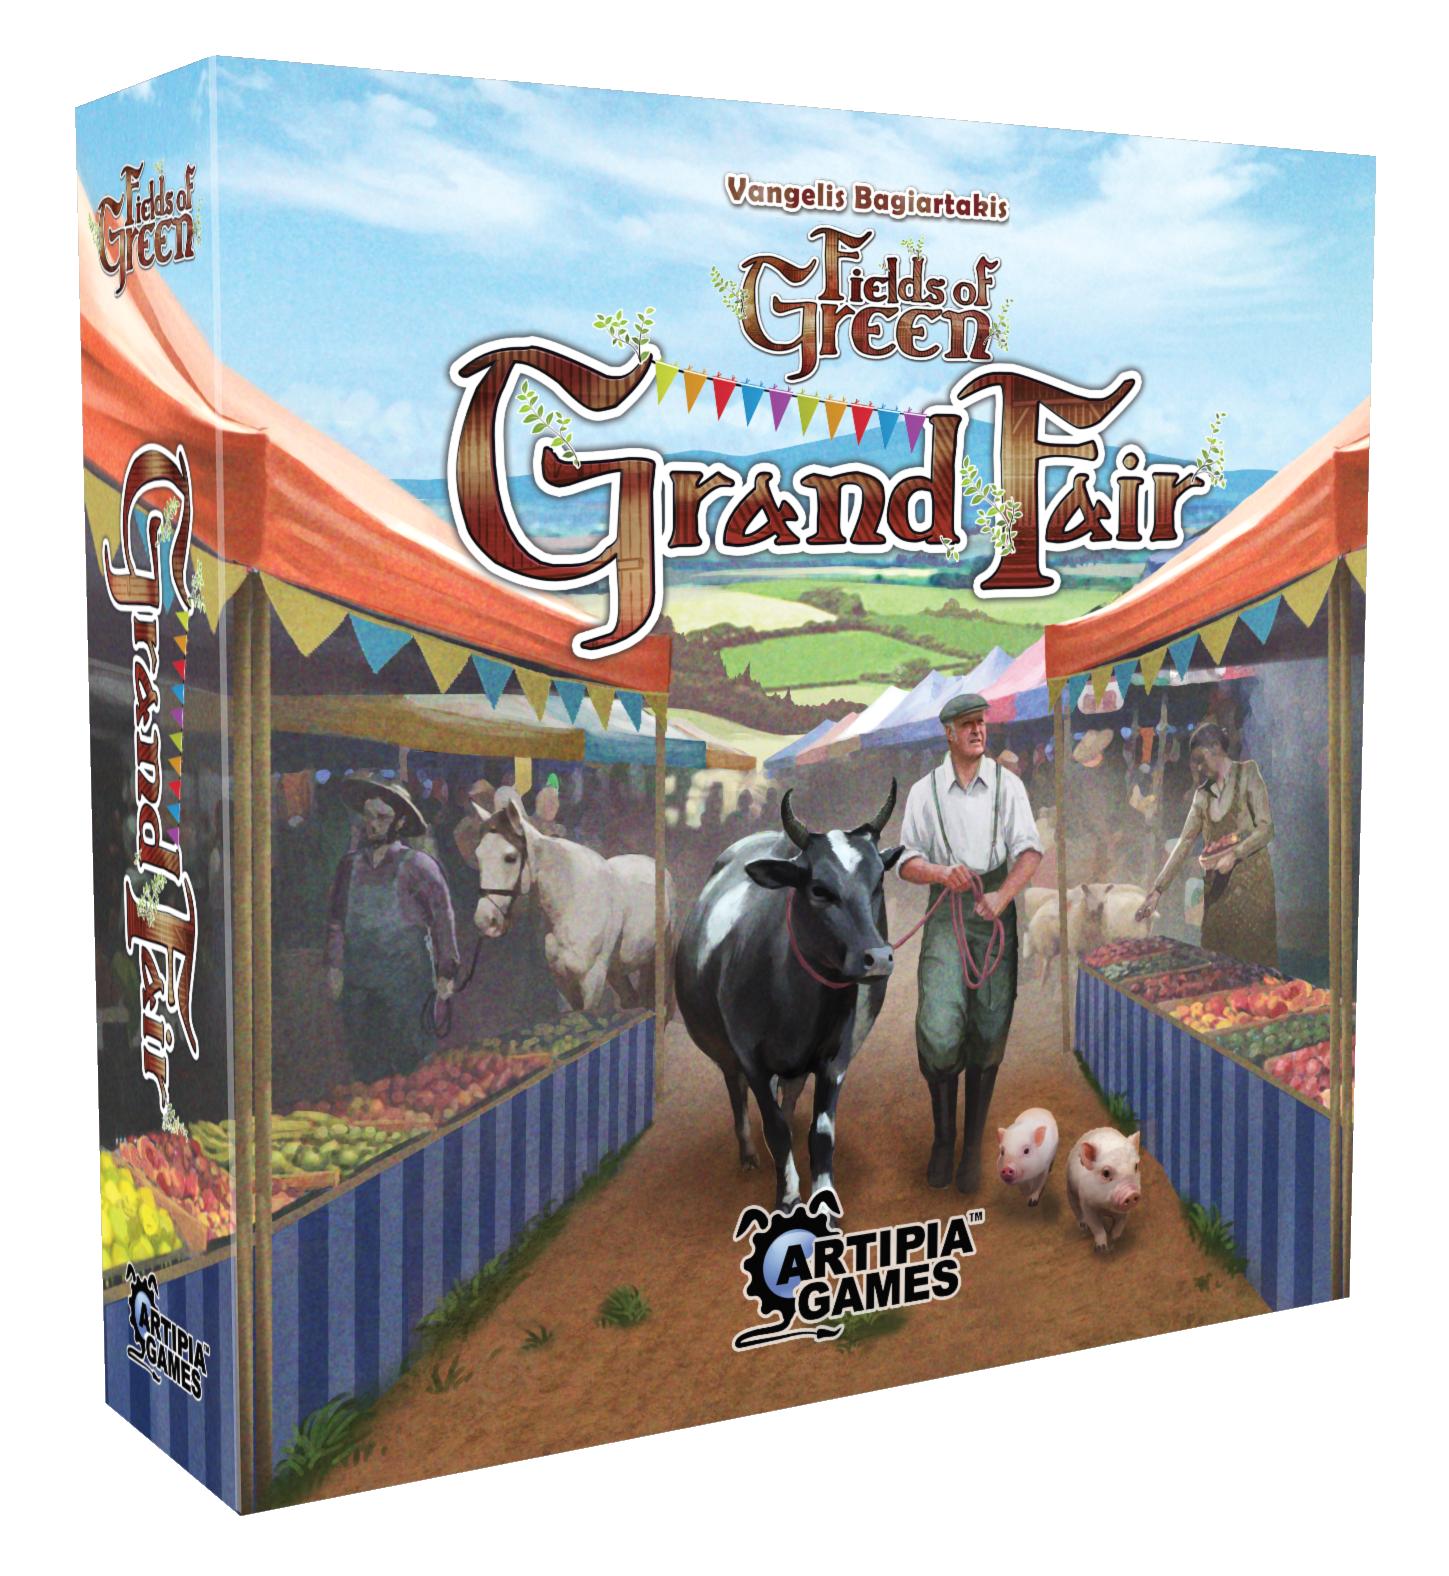 Grand Fair - Box